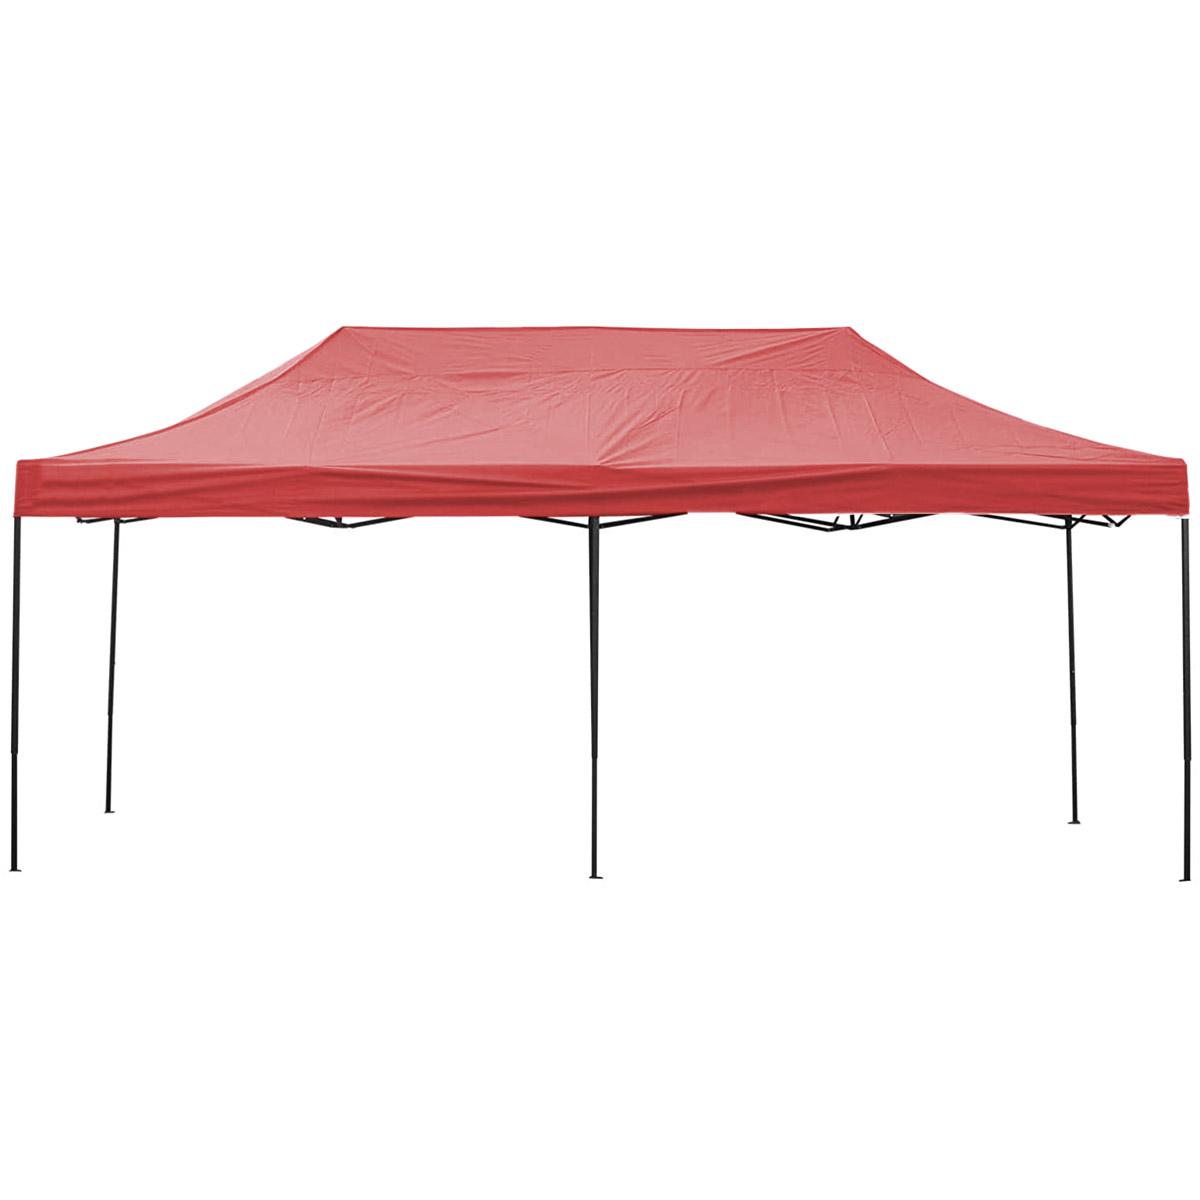 Toldo Carpa Impermeable Plegable De Acero Rojo 3x6m Kingsman